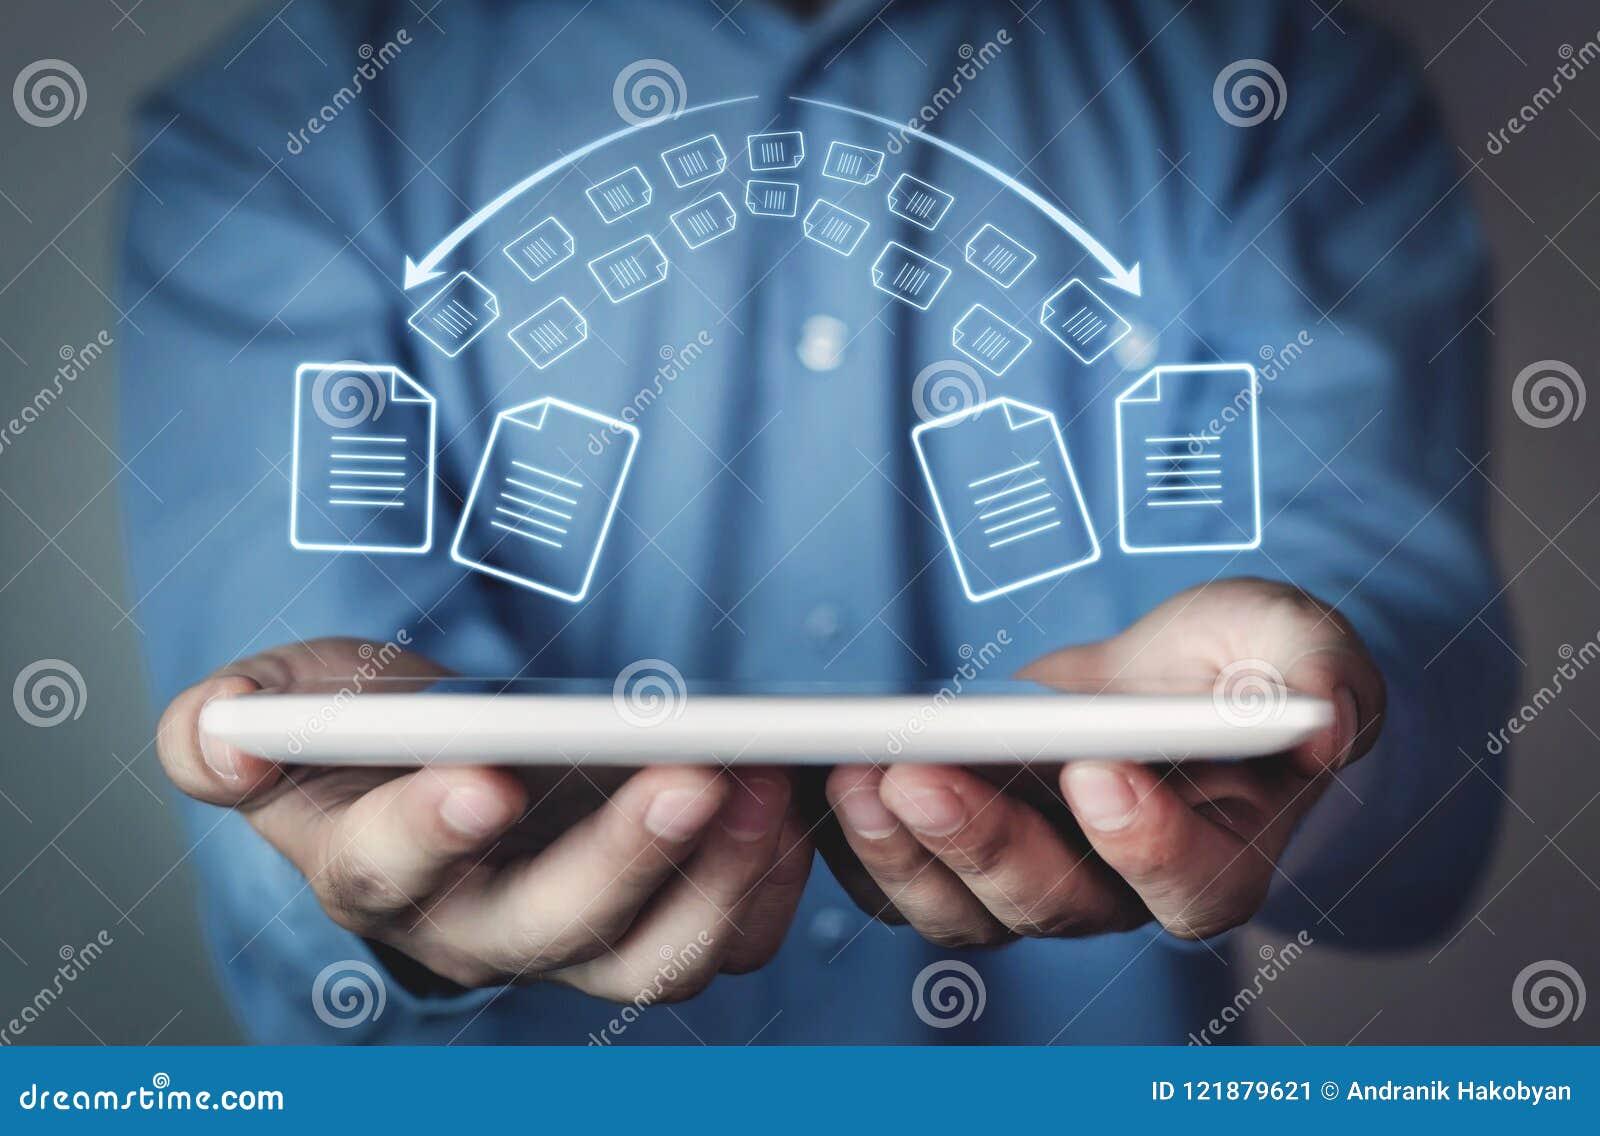 Αρχεία αντιγράφων, ανταλλαγή στοιχείων Μεταφορά αρχείων Γρήγορη μεταφορά μΑ αρχείων